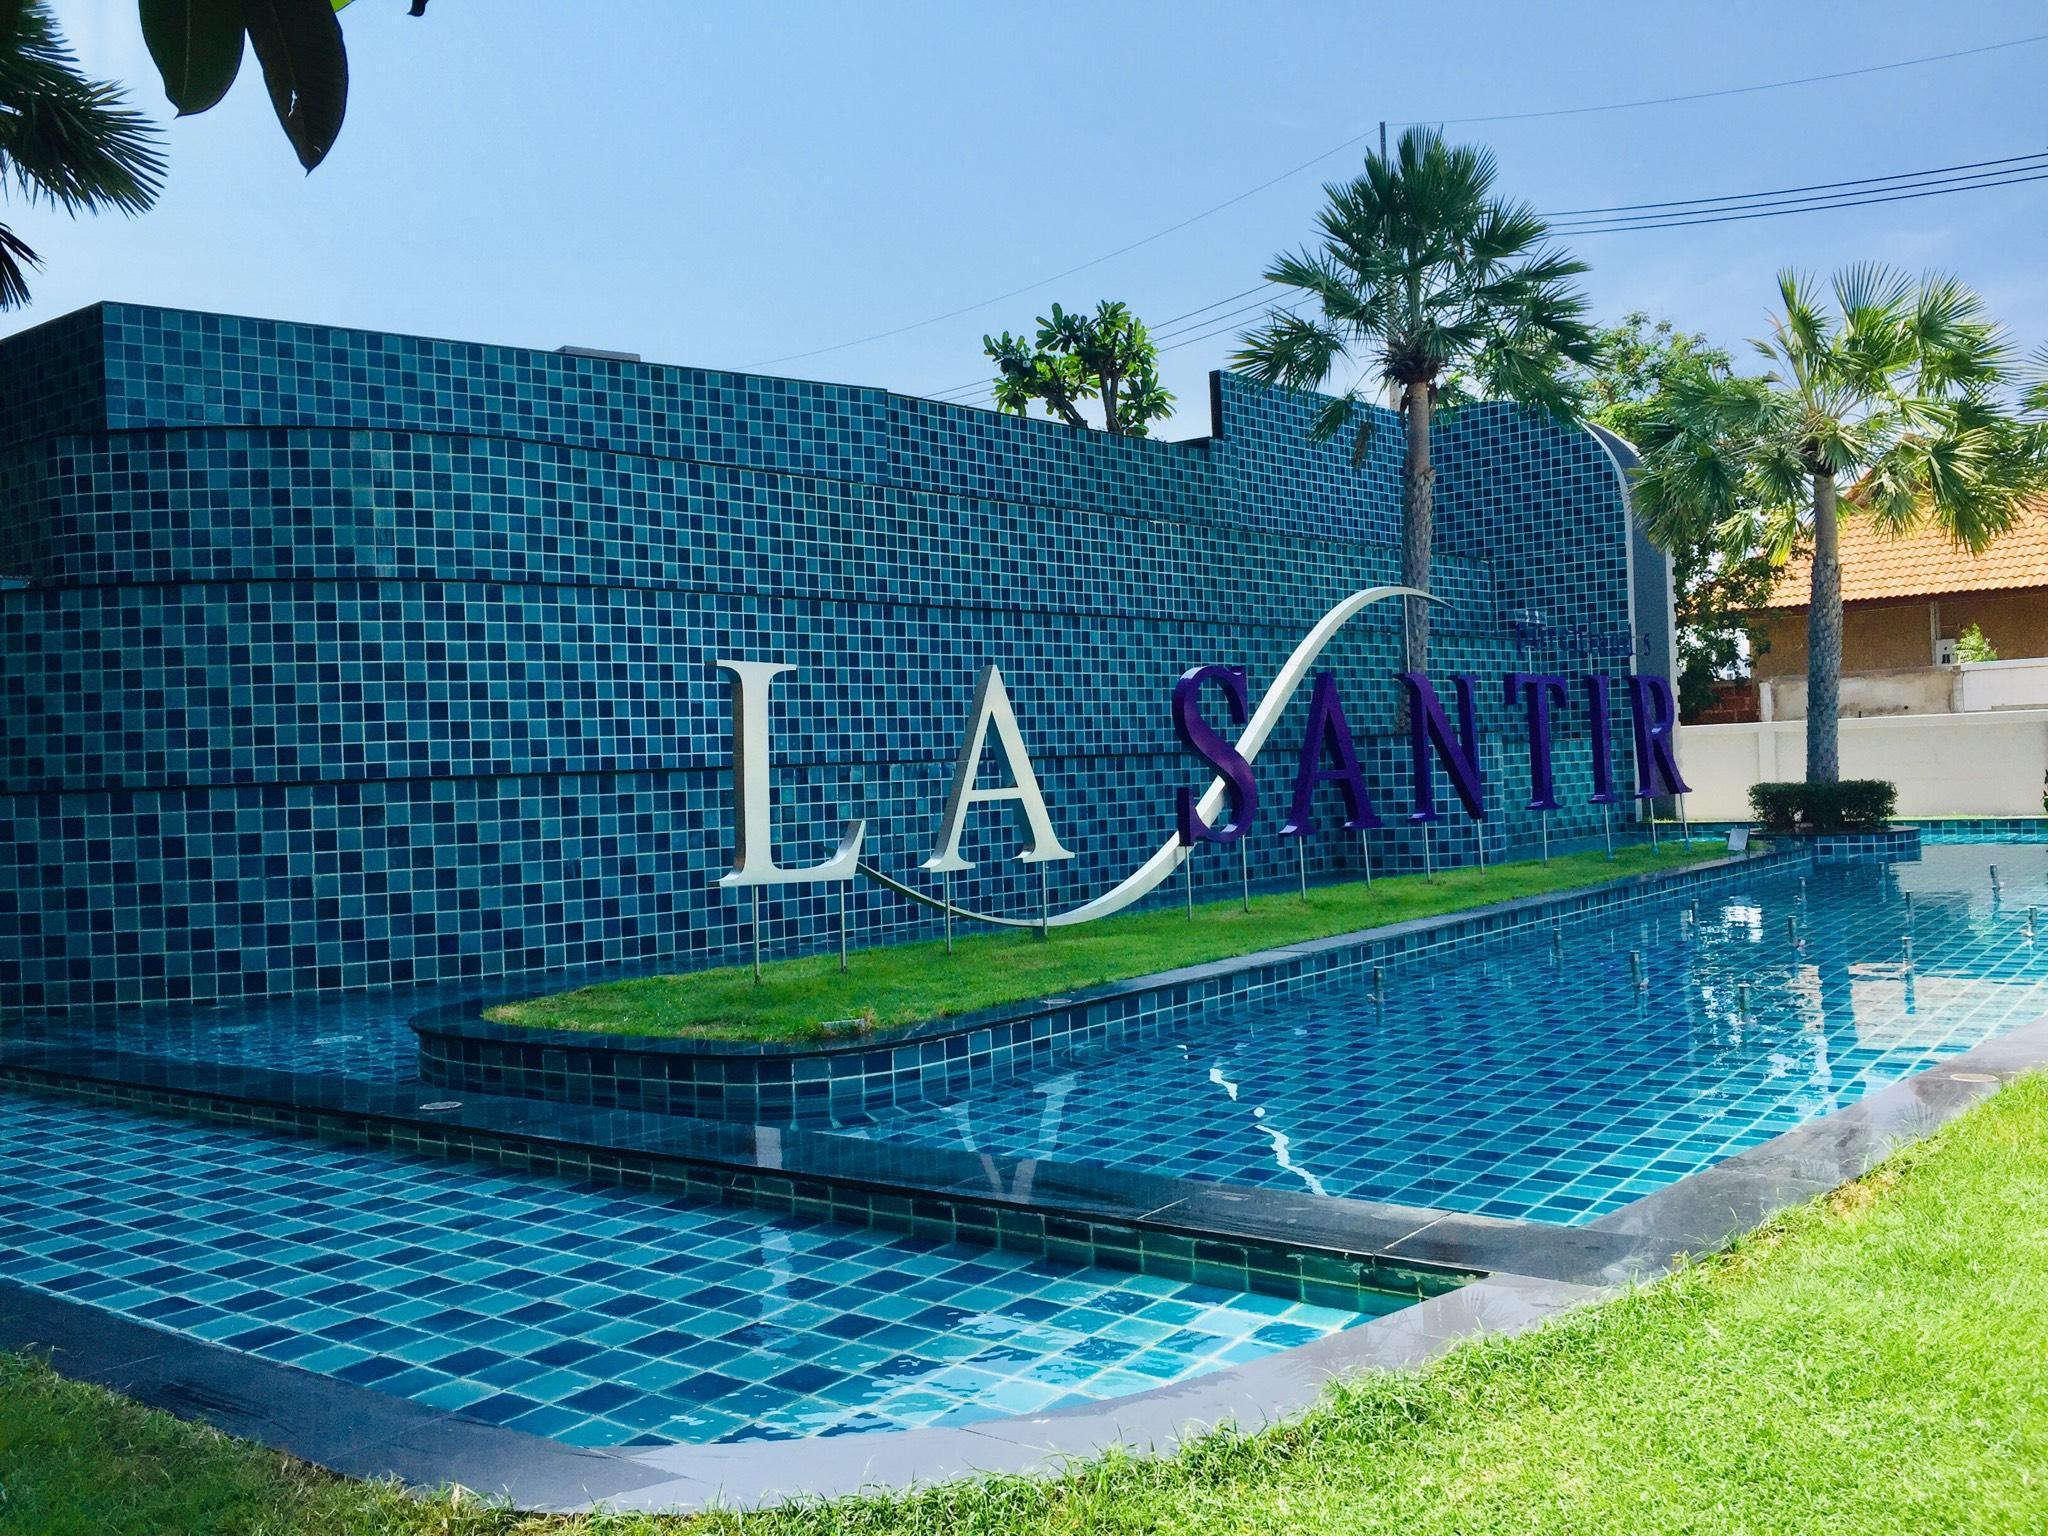 La Santir Condo อพาร์ตเมนต์ 1 ห้องนอน 1 ห้องน้ำส่วนตัว ขนาด 35 ตร.ม. – หาดจอมเทียน